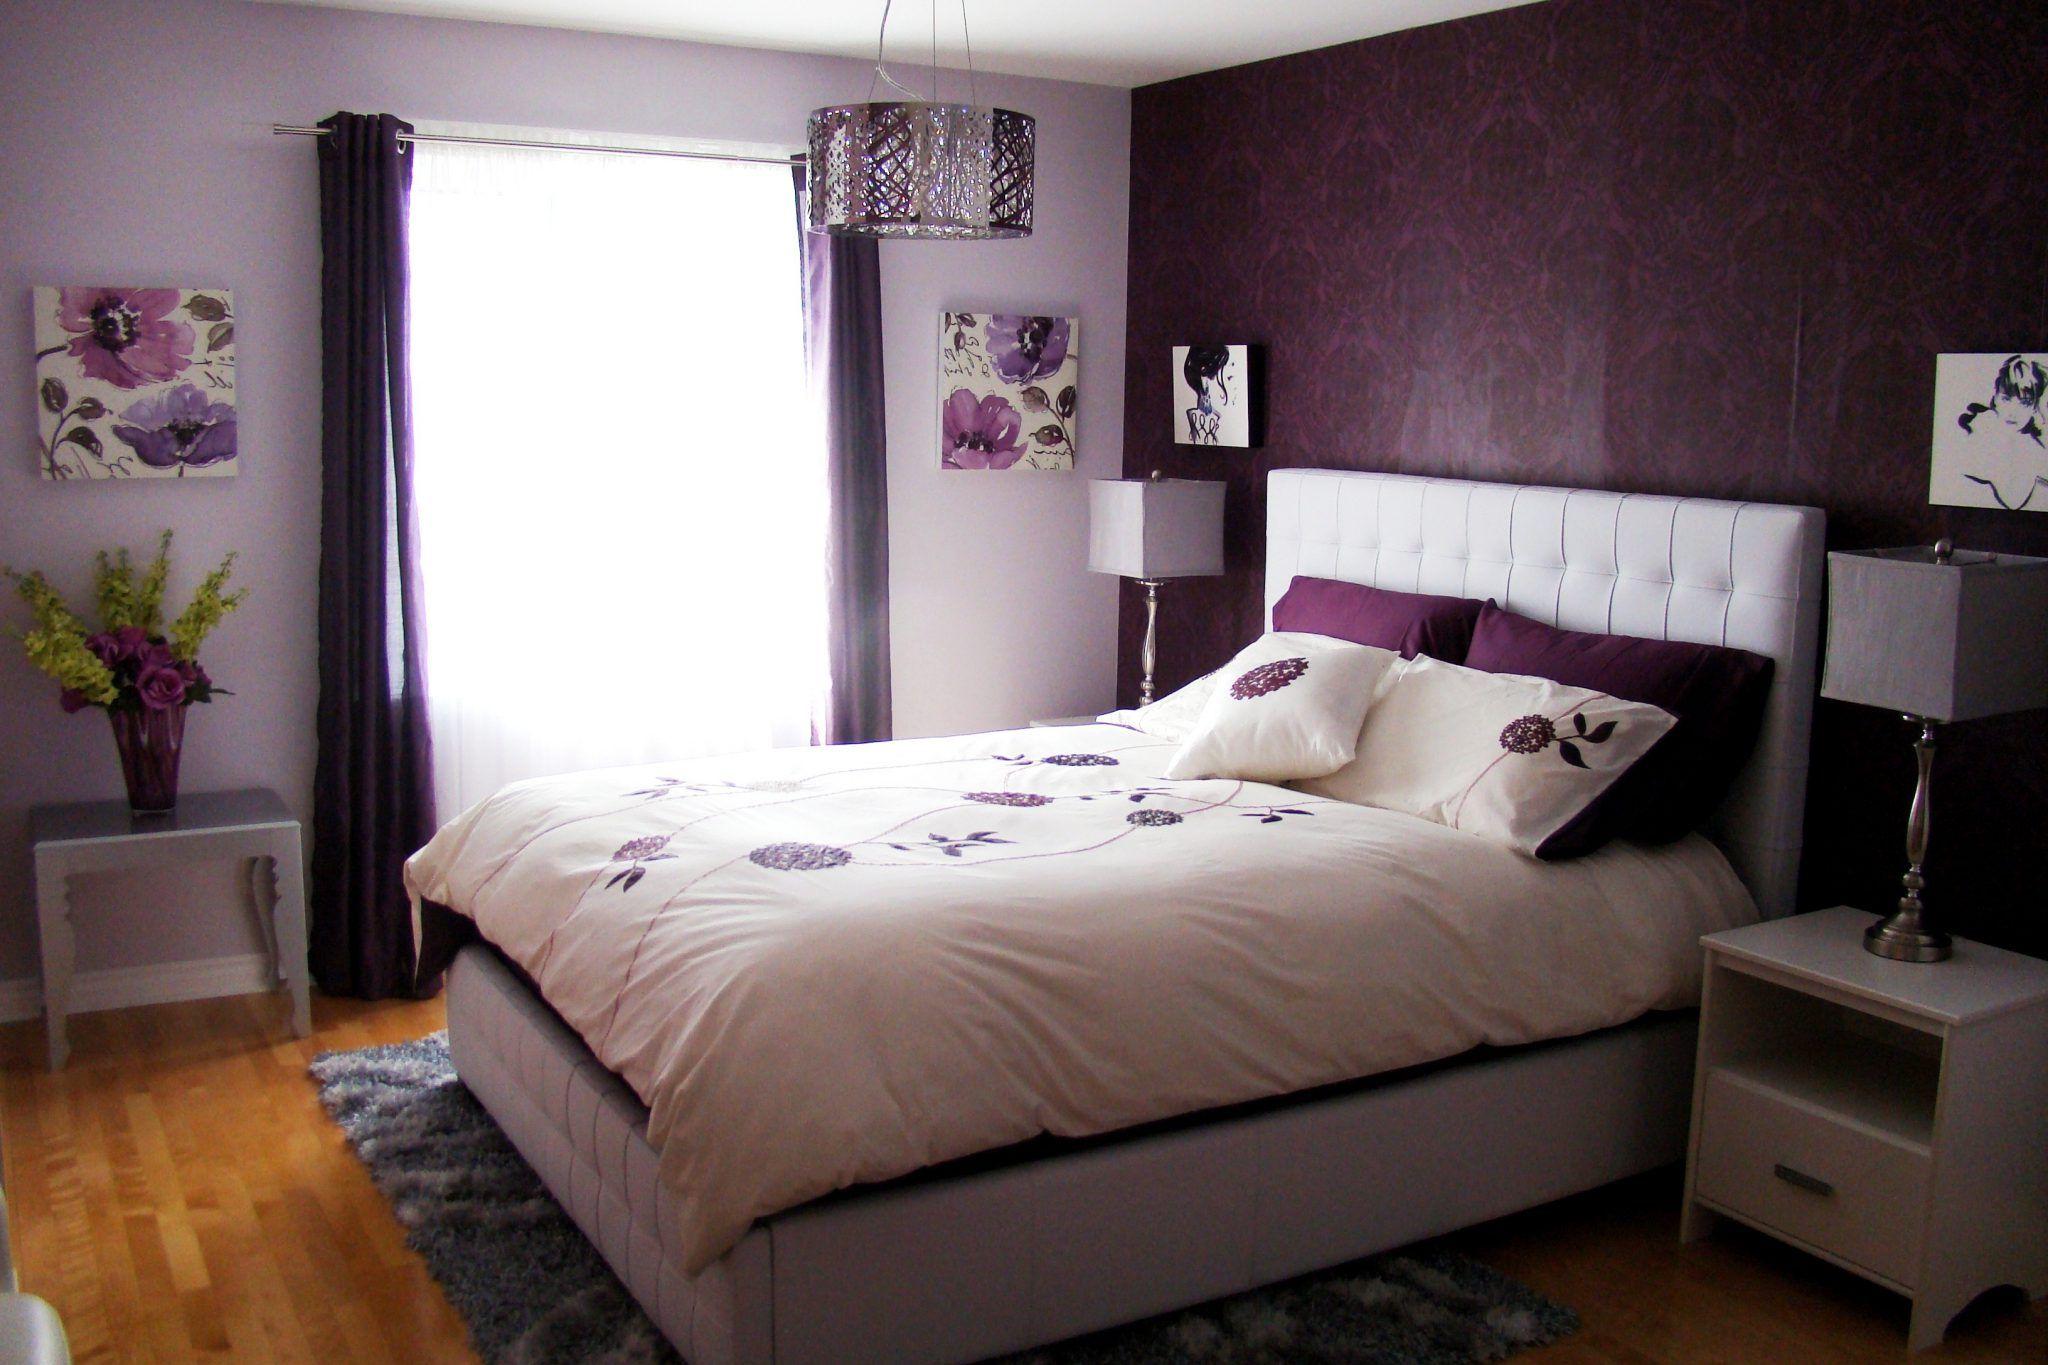 Lila Schlafzimmer Ideen Macht Romantische Nuance Schlafzimmer